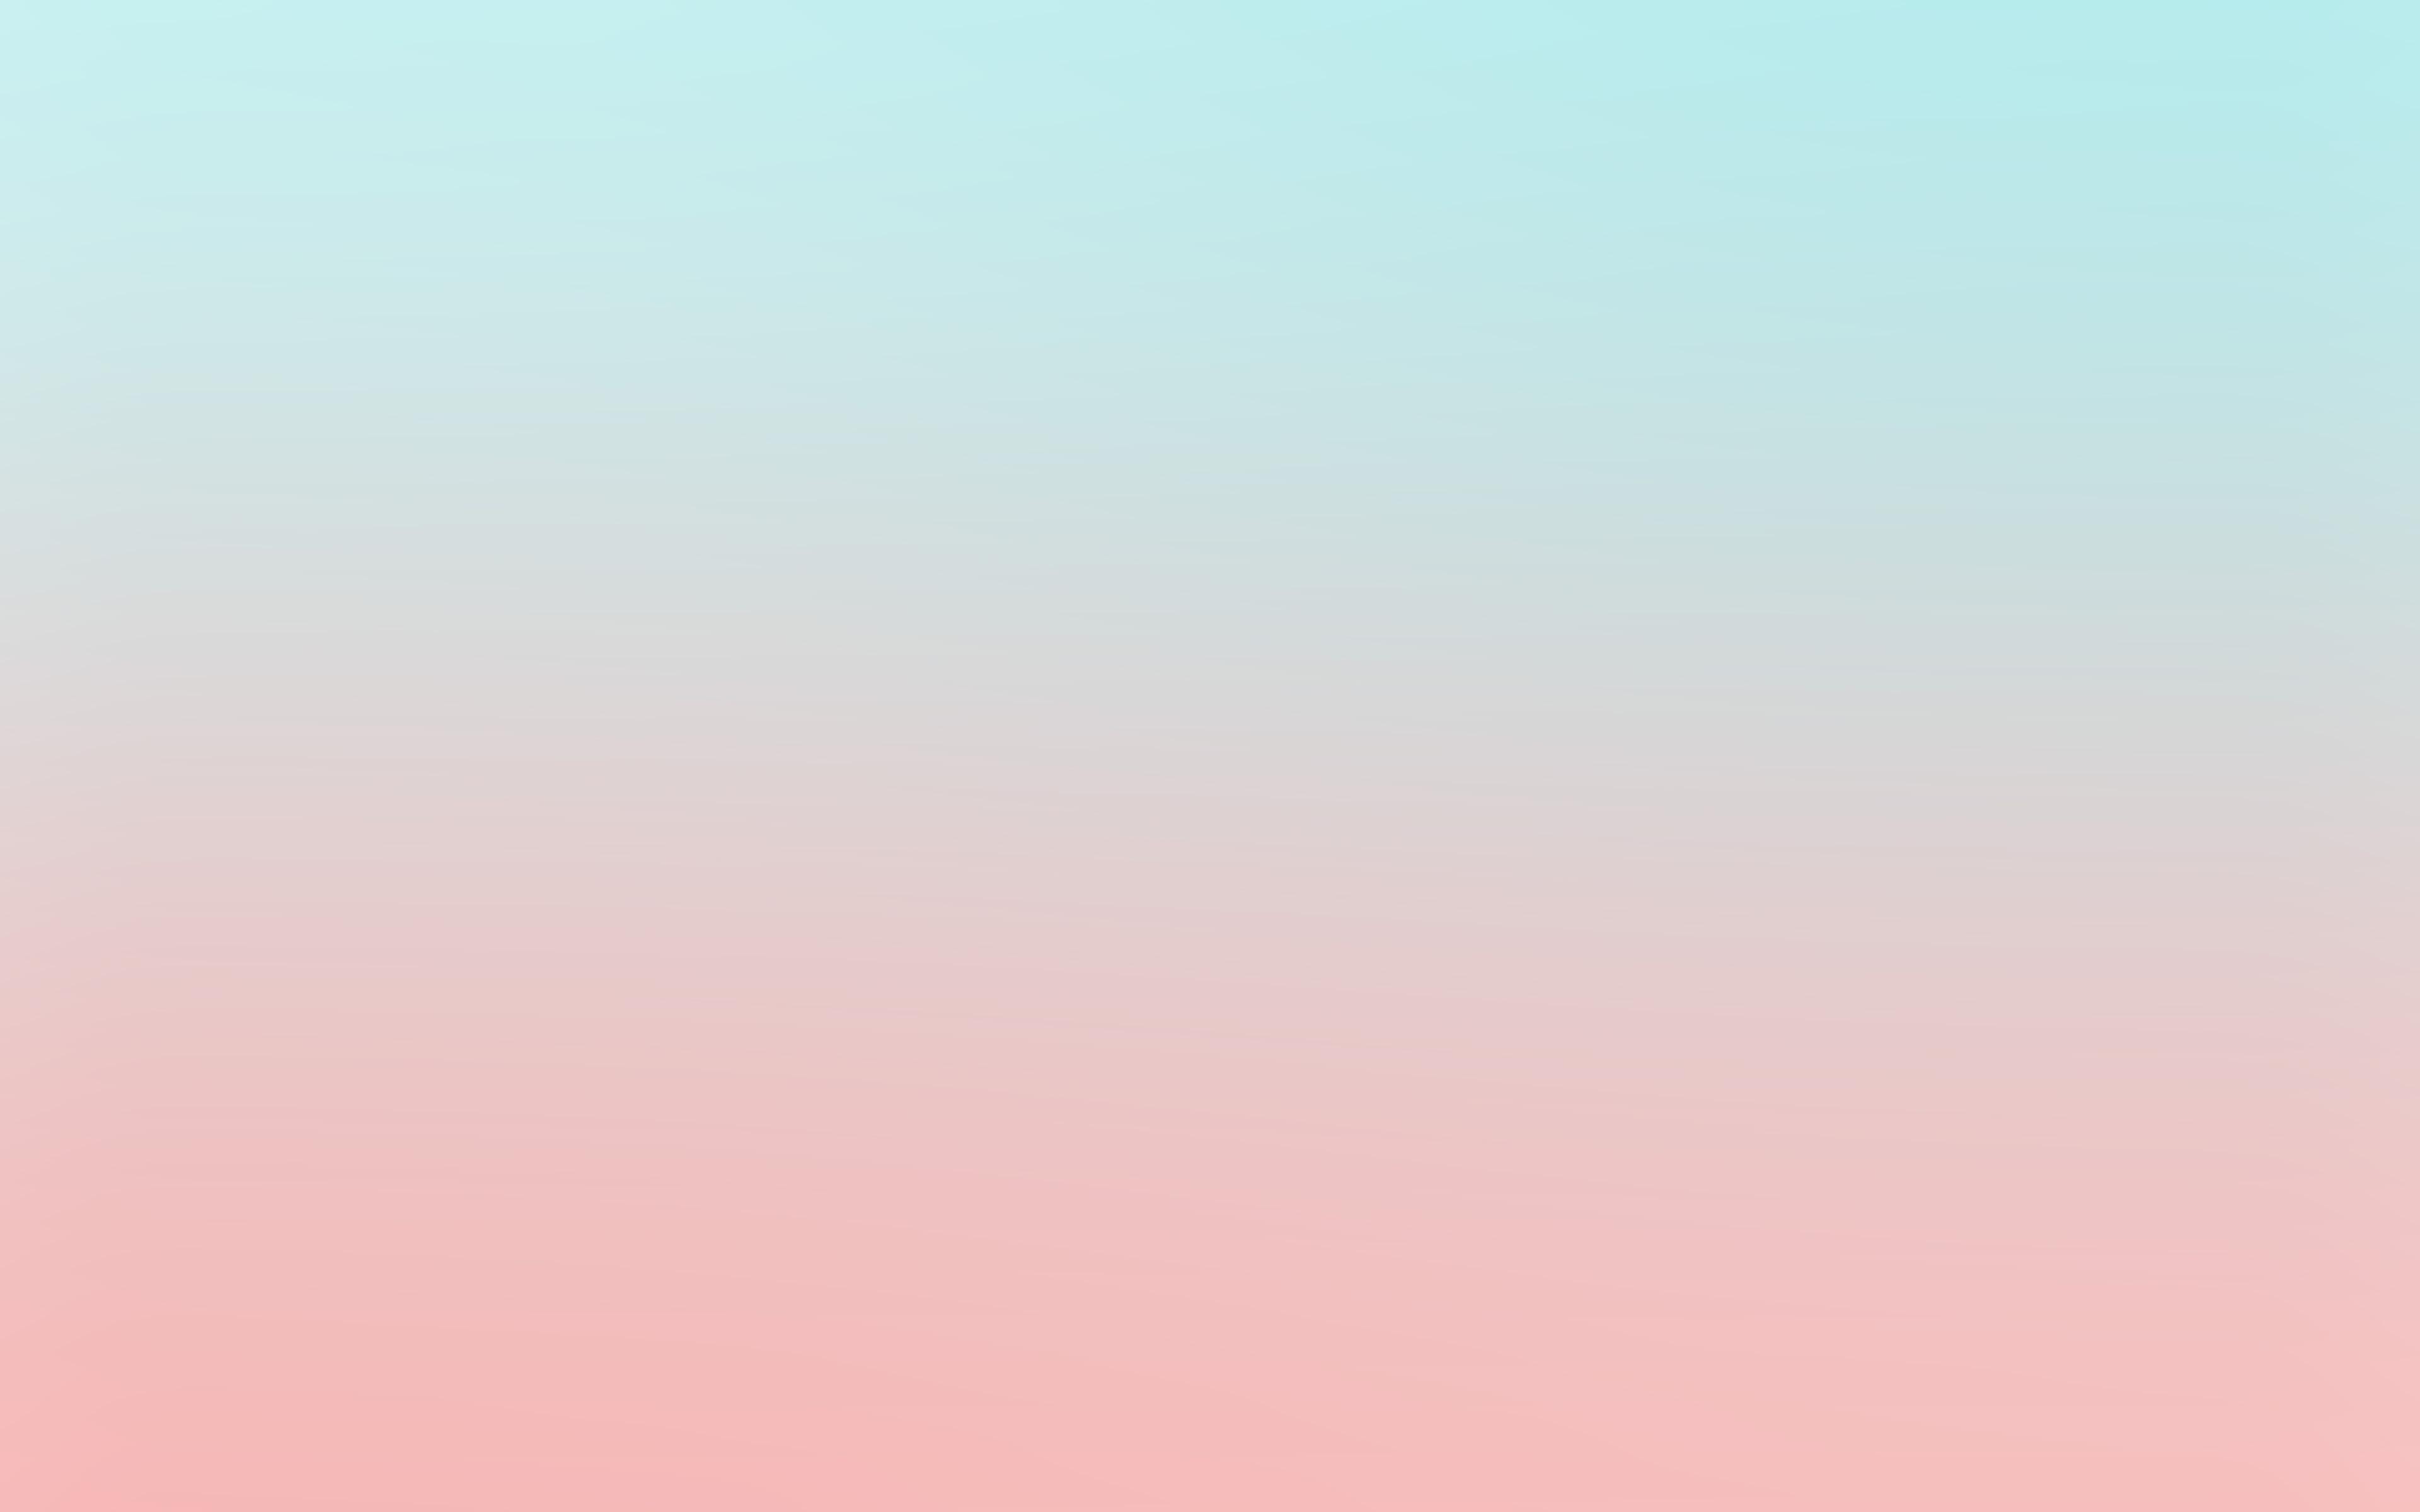 Fall Wallpaper For Ipad Mini Sm40 Blue Red Soft Pastel Blur Gradation Wallpaper